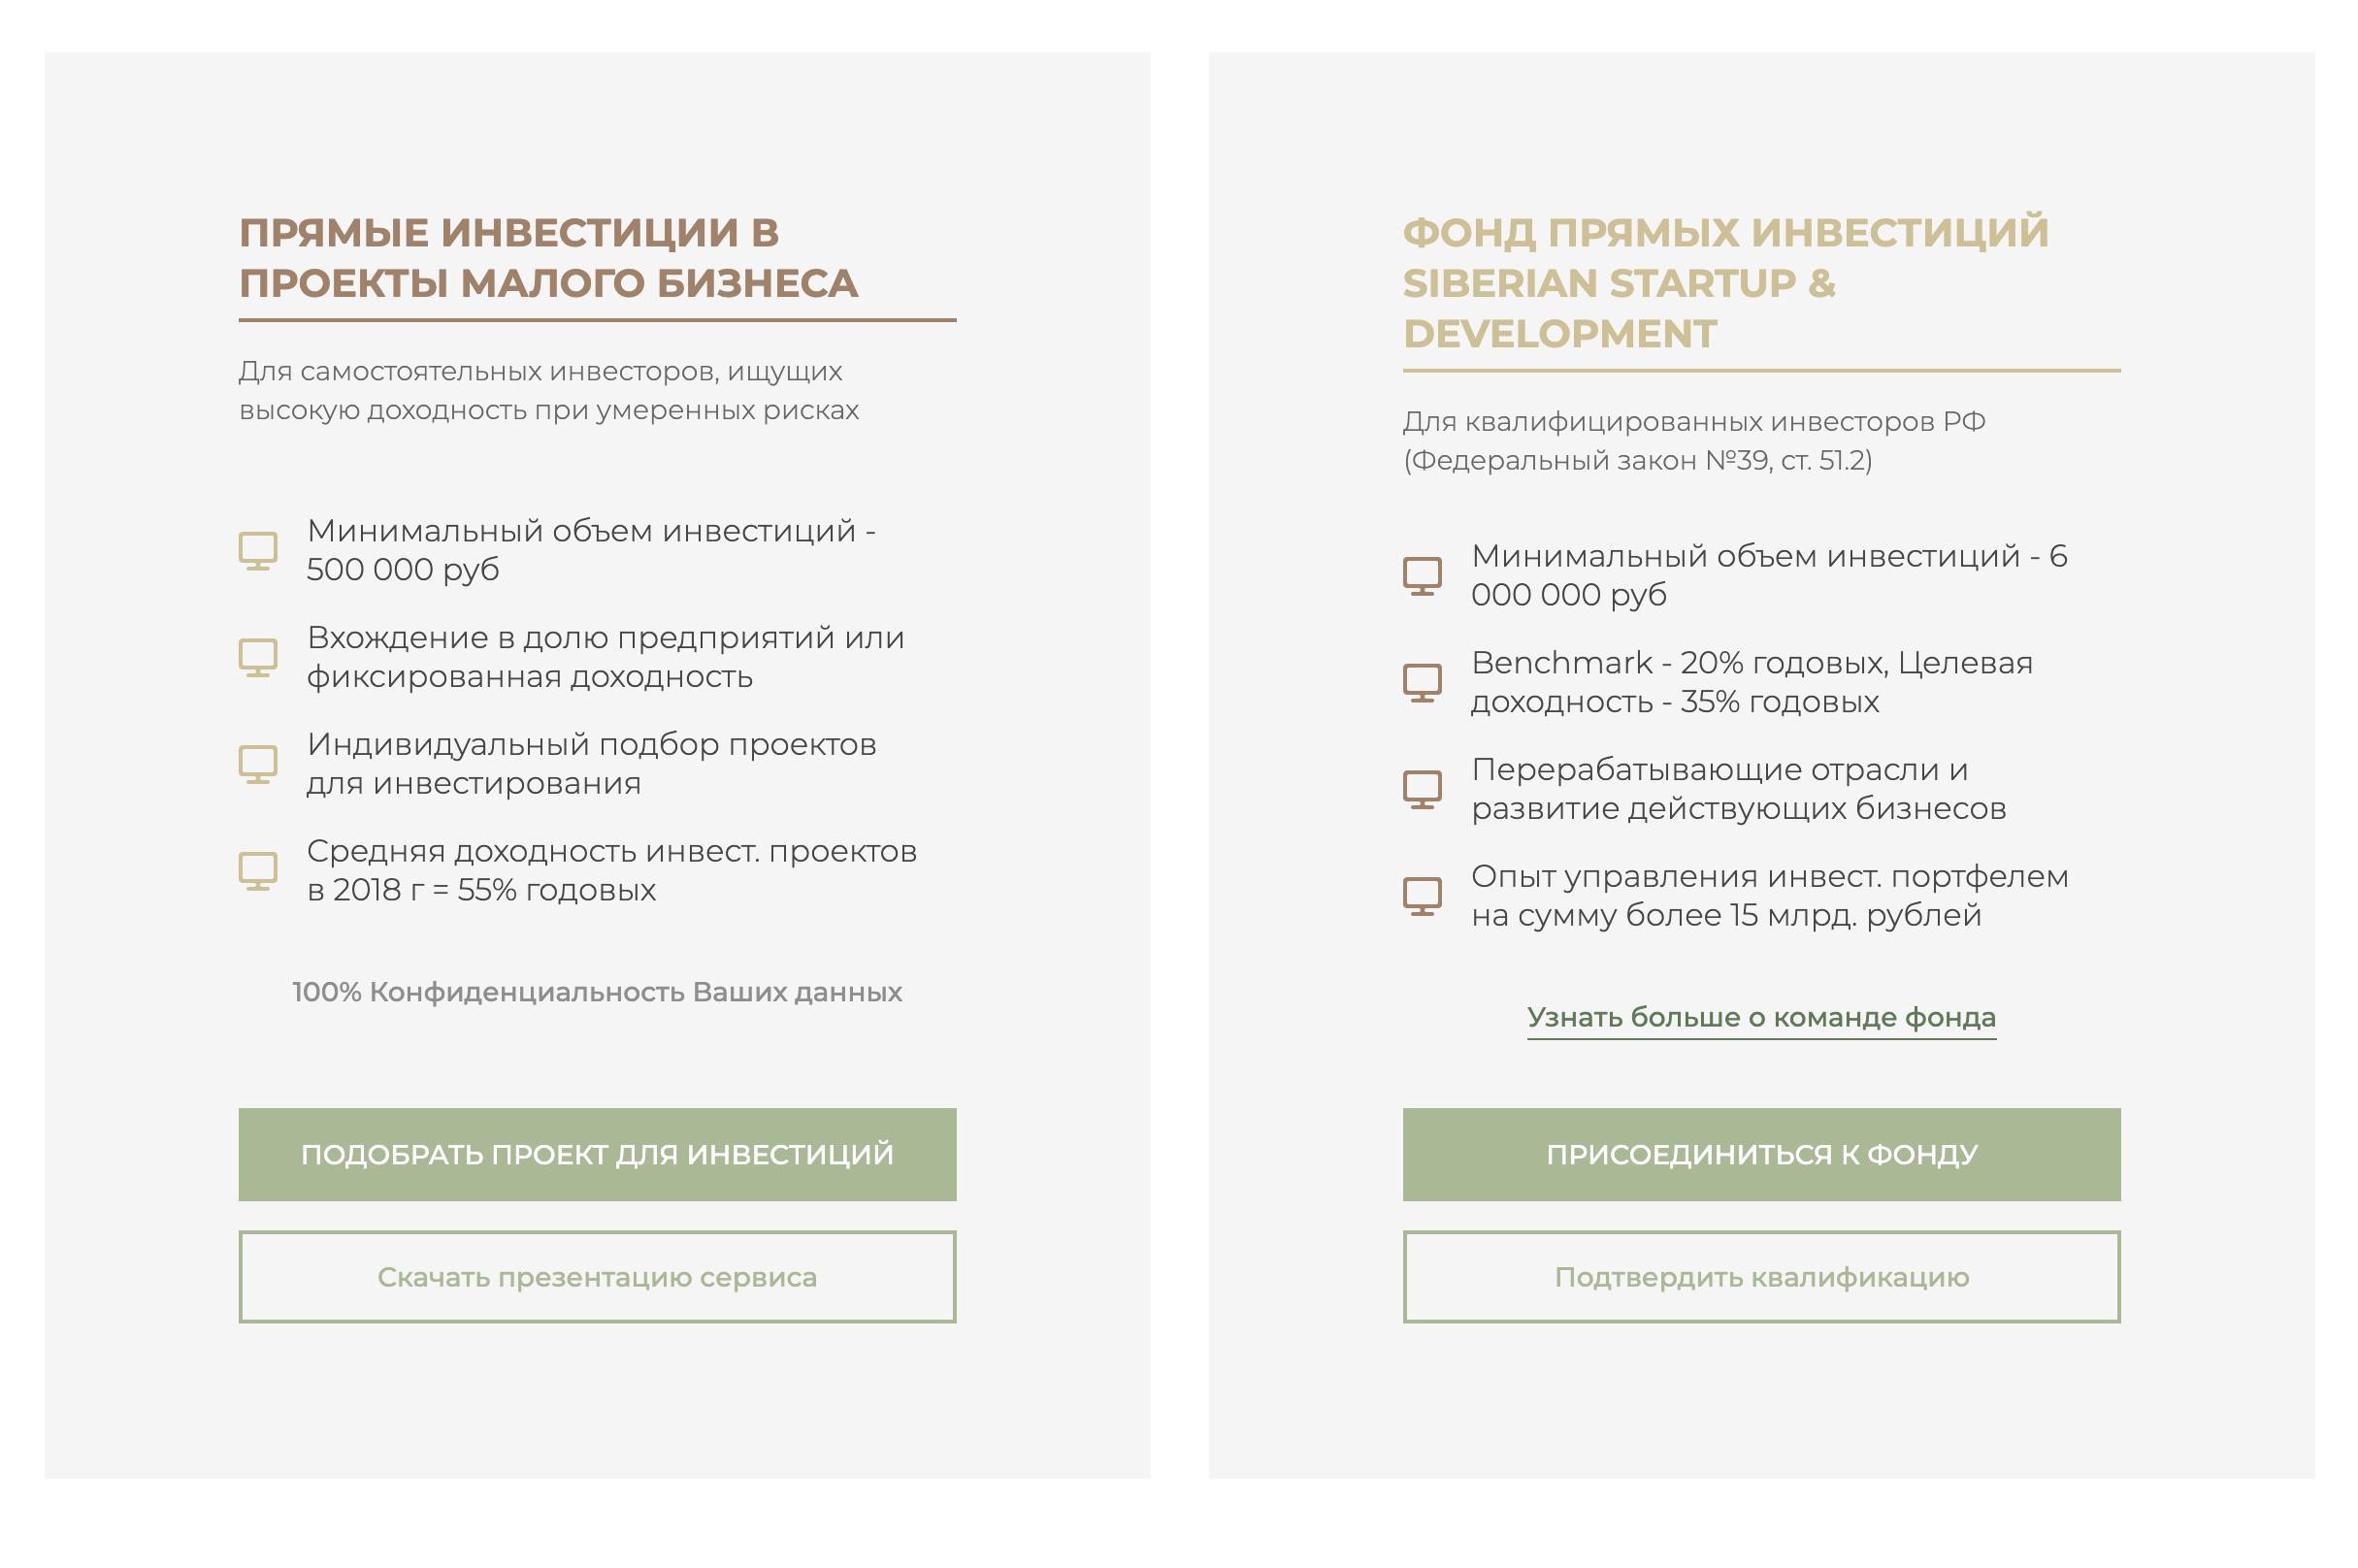 I. F. Russia предлагает инвестировать в малый бизнес и в собственный фонд прямых инвестиций